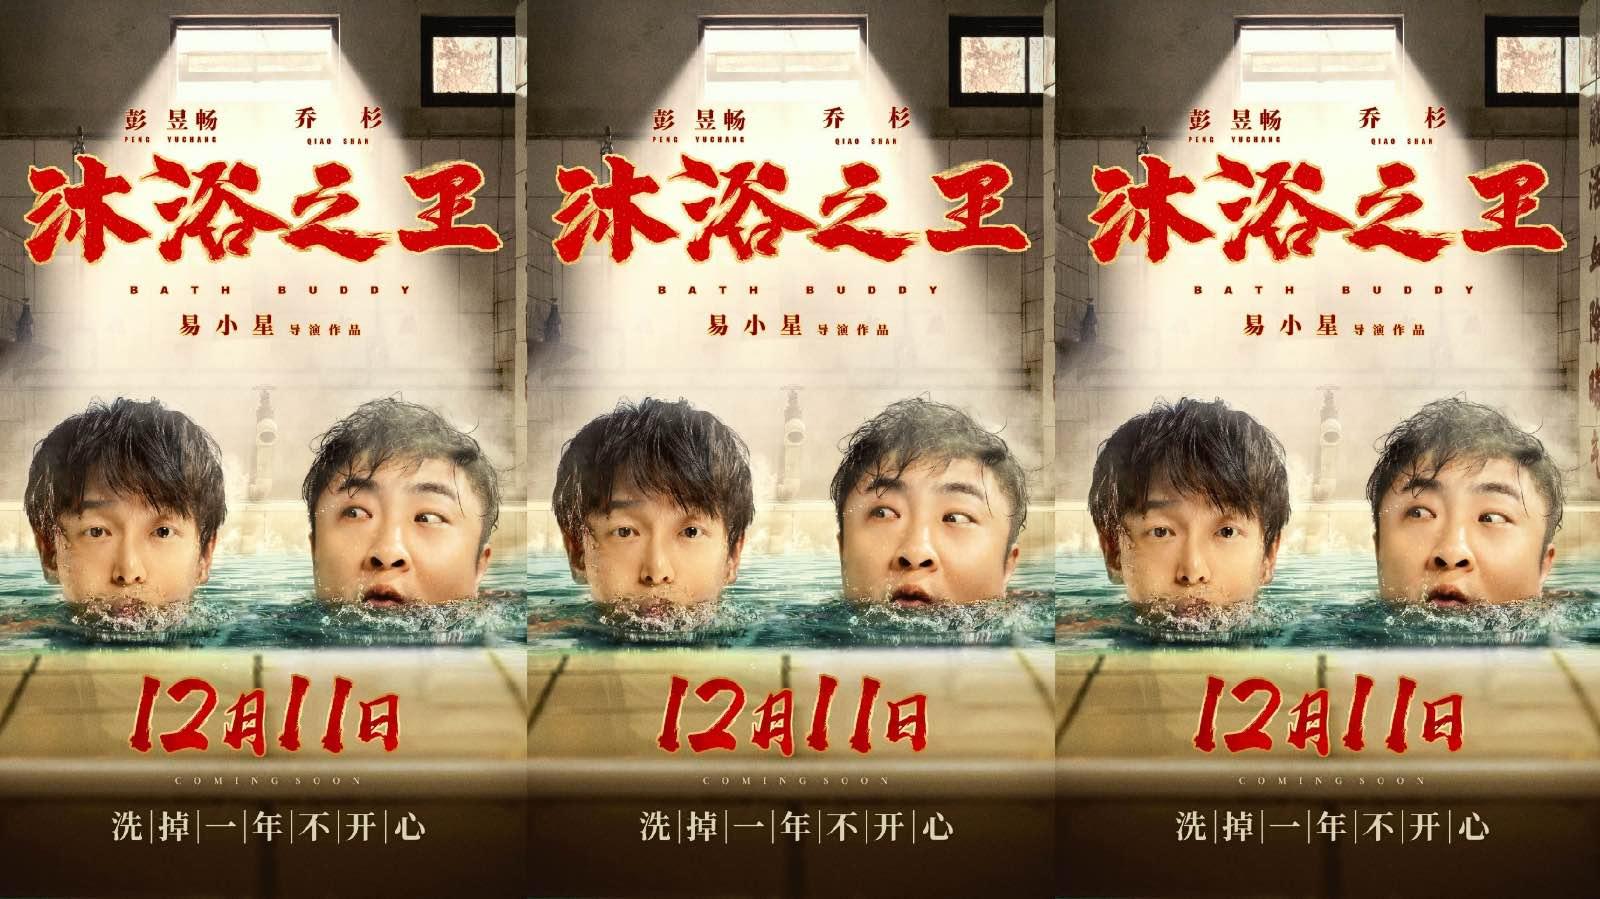 易小星导演喜剧《沐浴之王》定档12月11日 彭昱畅乔杉欢乐登场